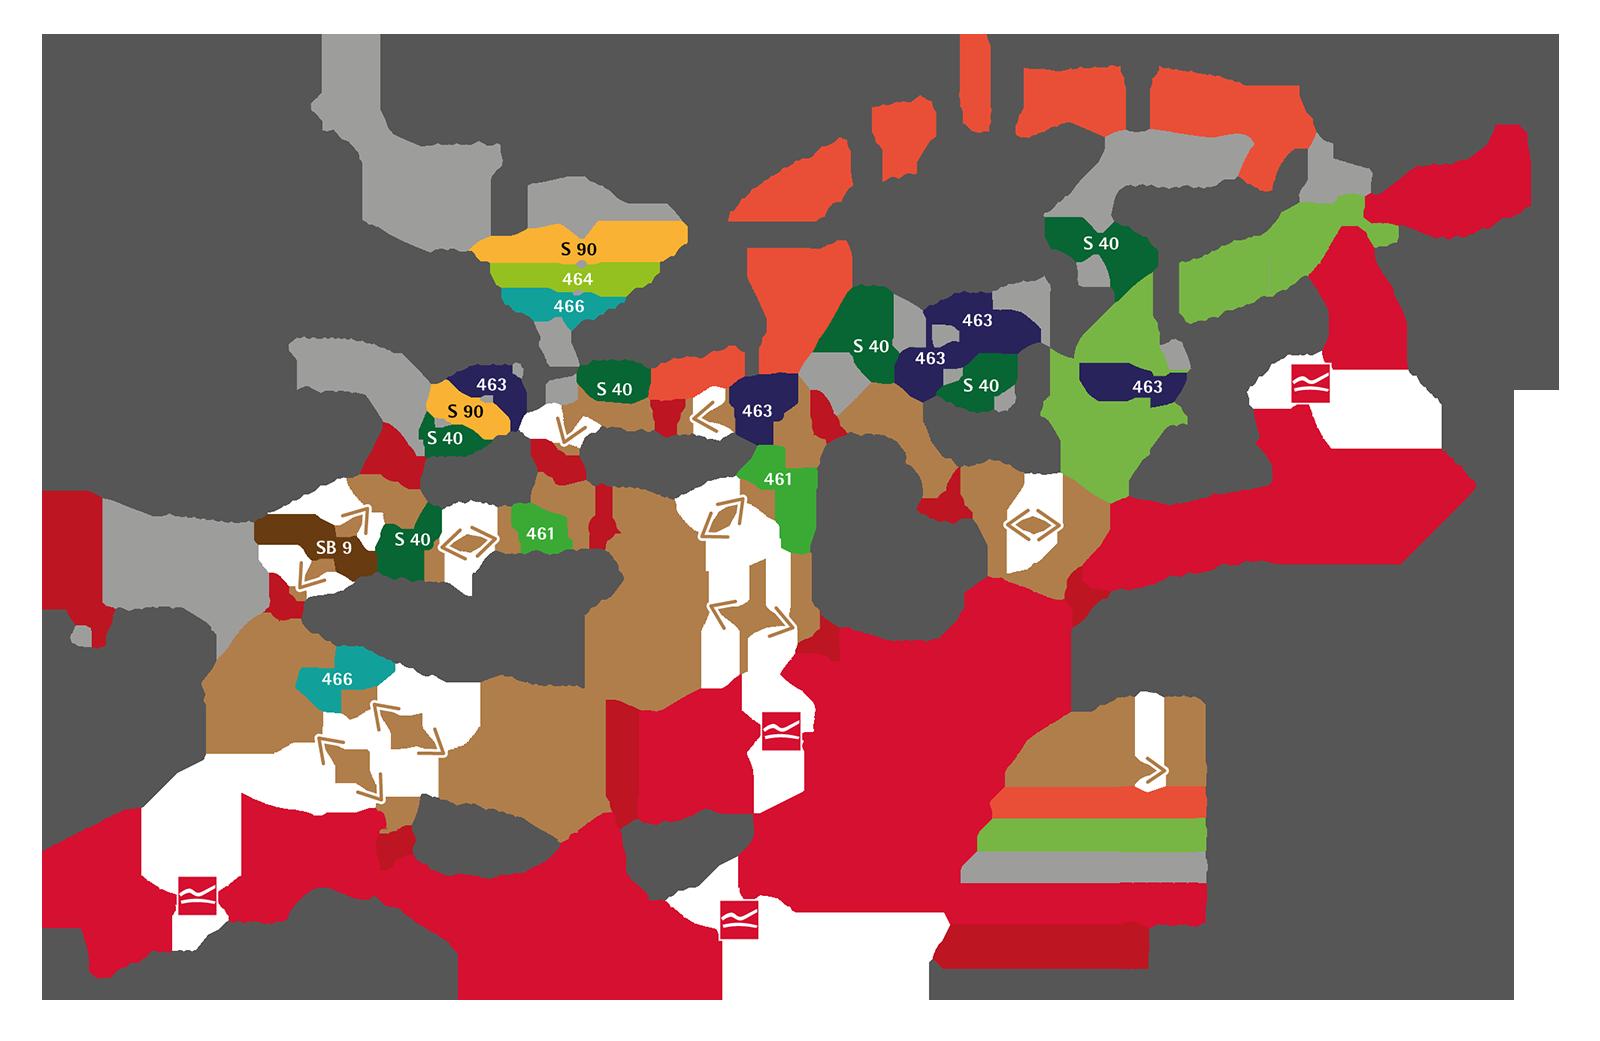 Sauerland Karte Berge.Einfach Mehr Vom Urlaub Mit Der Schmallenberger Sauerland Card